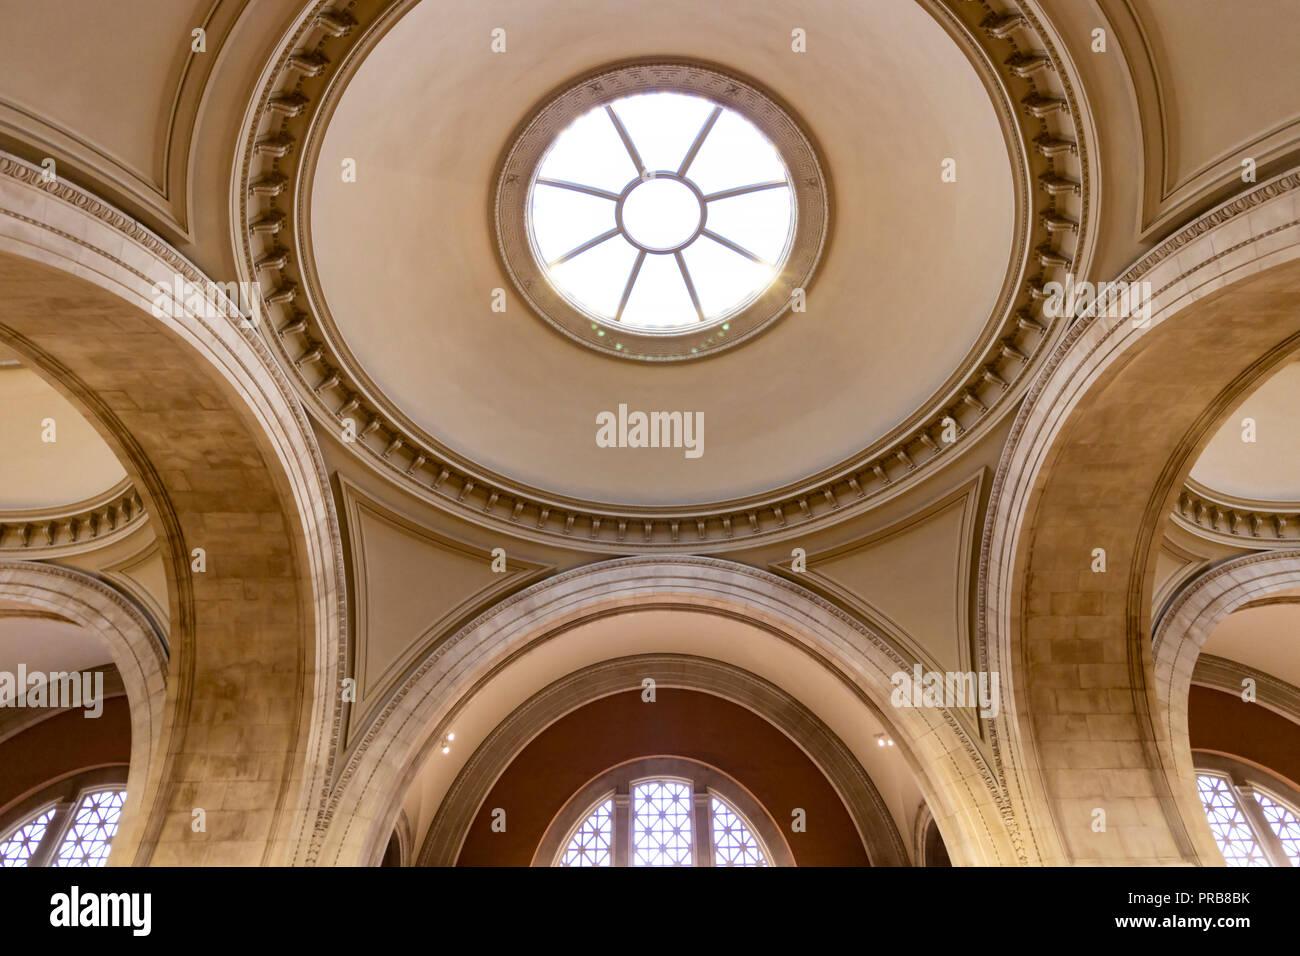 New York City, USA - Oktober 8, 2017: Innenansicht des Metropolitan Museum der Kunst in New York City. Stockfoto